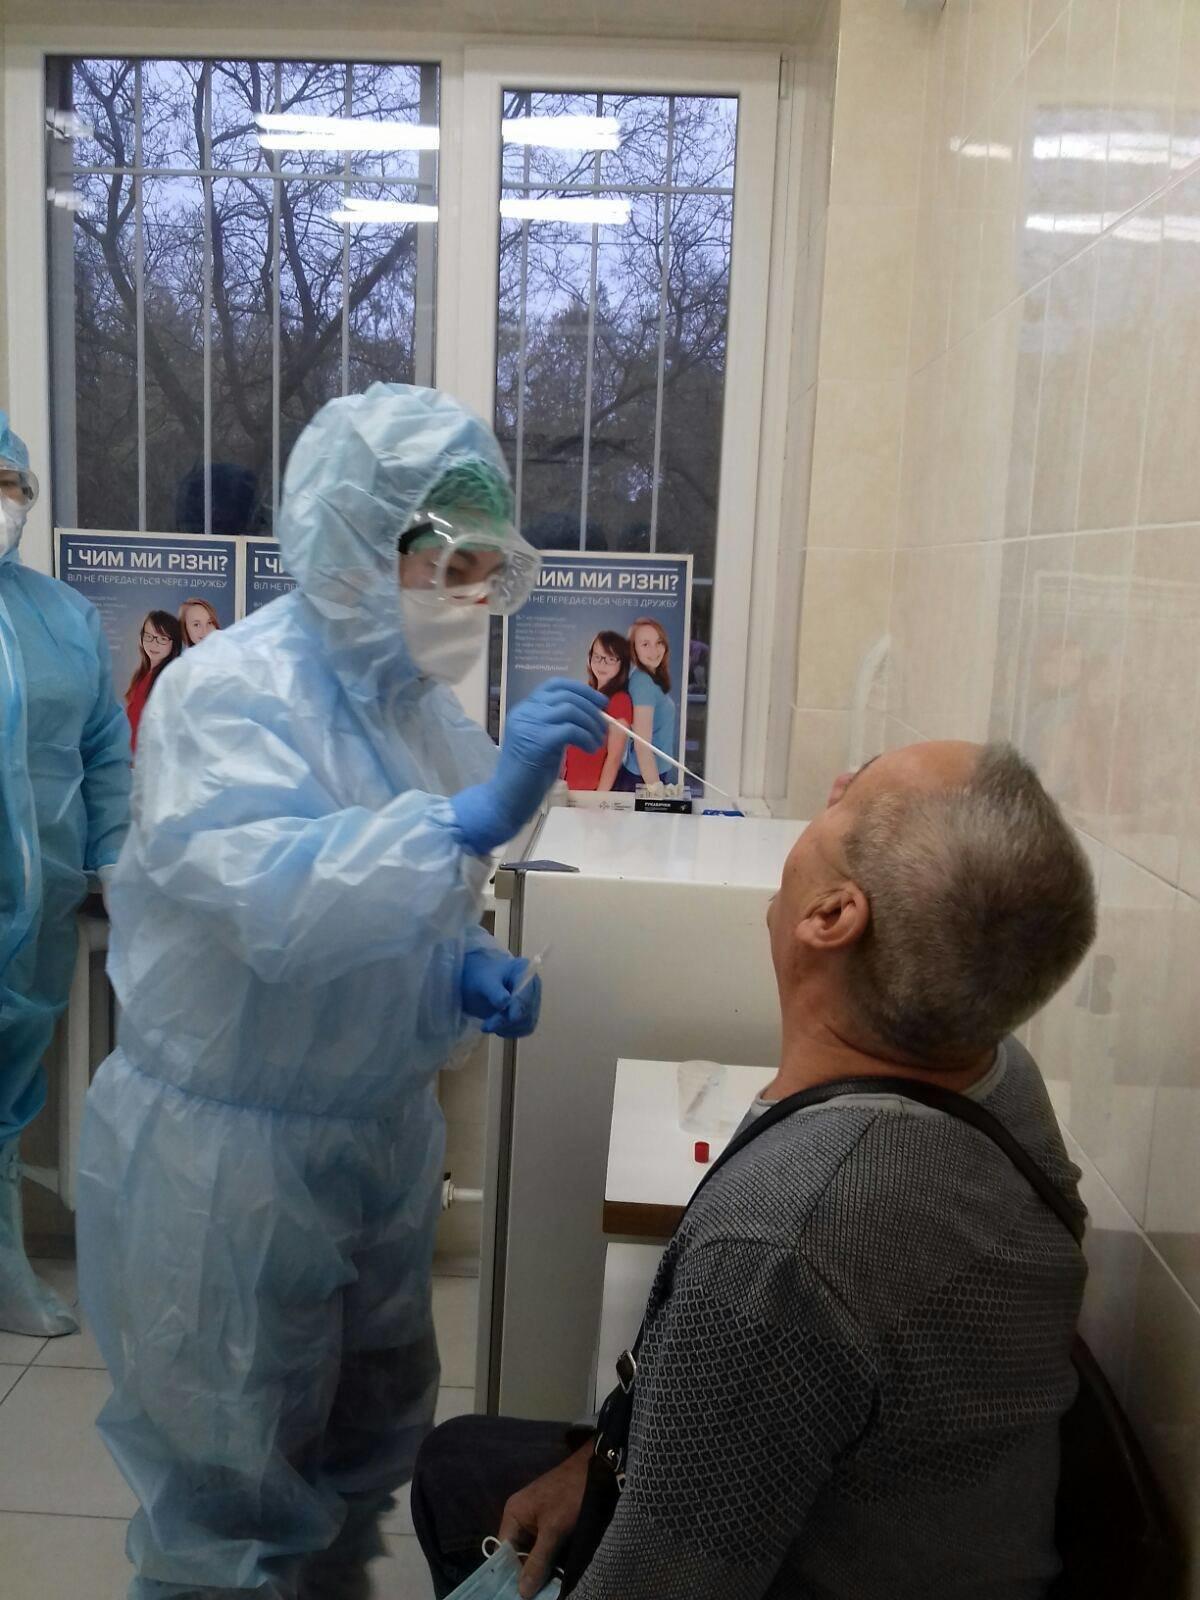 В Черноморске работают мобильные бригады для забора биоматериалов для ПЦР на коронавирус, фото-4